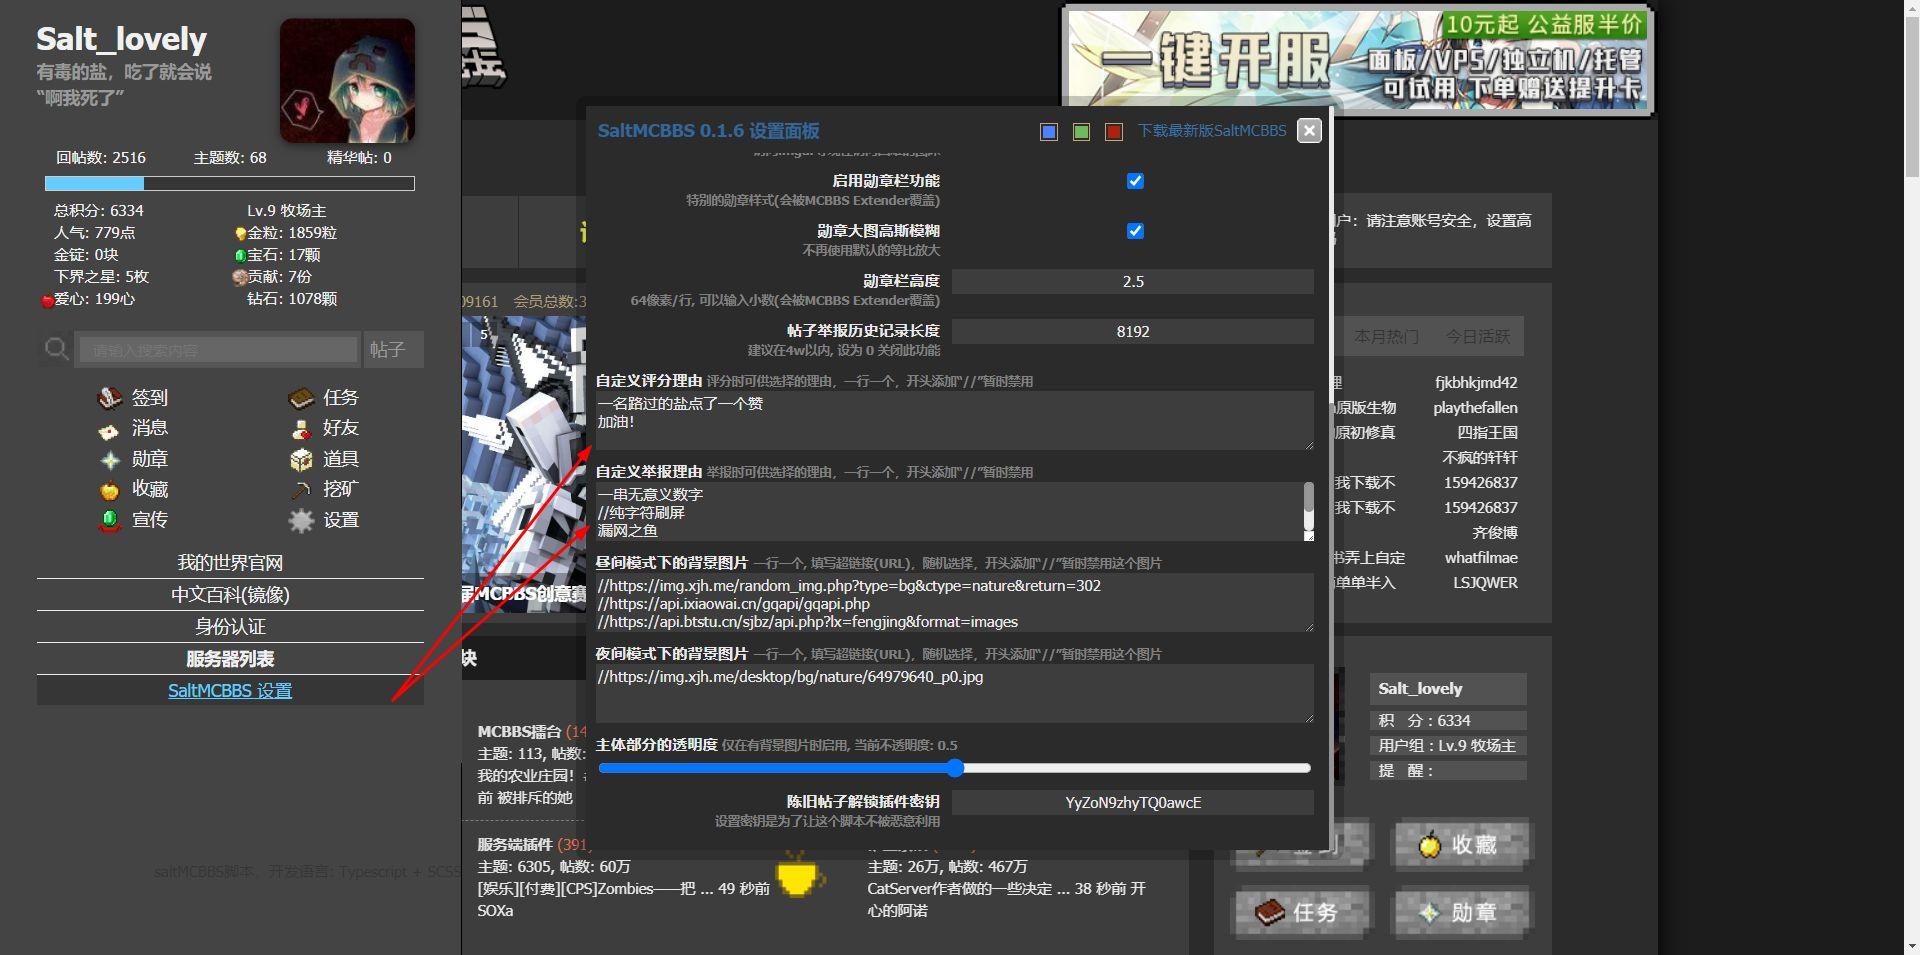 file_1610783438000.jpg